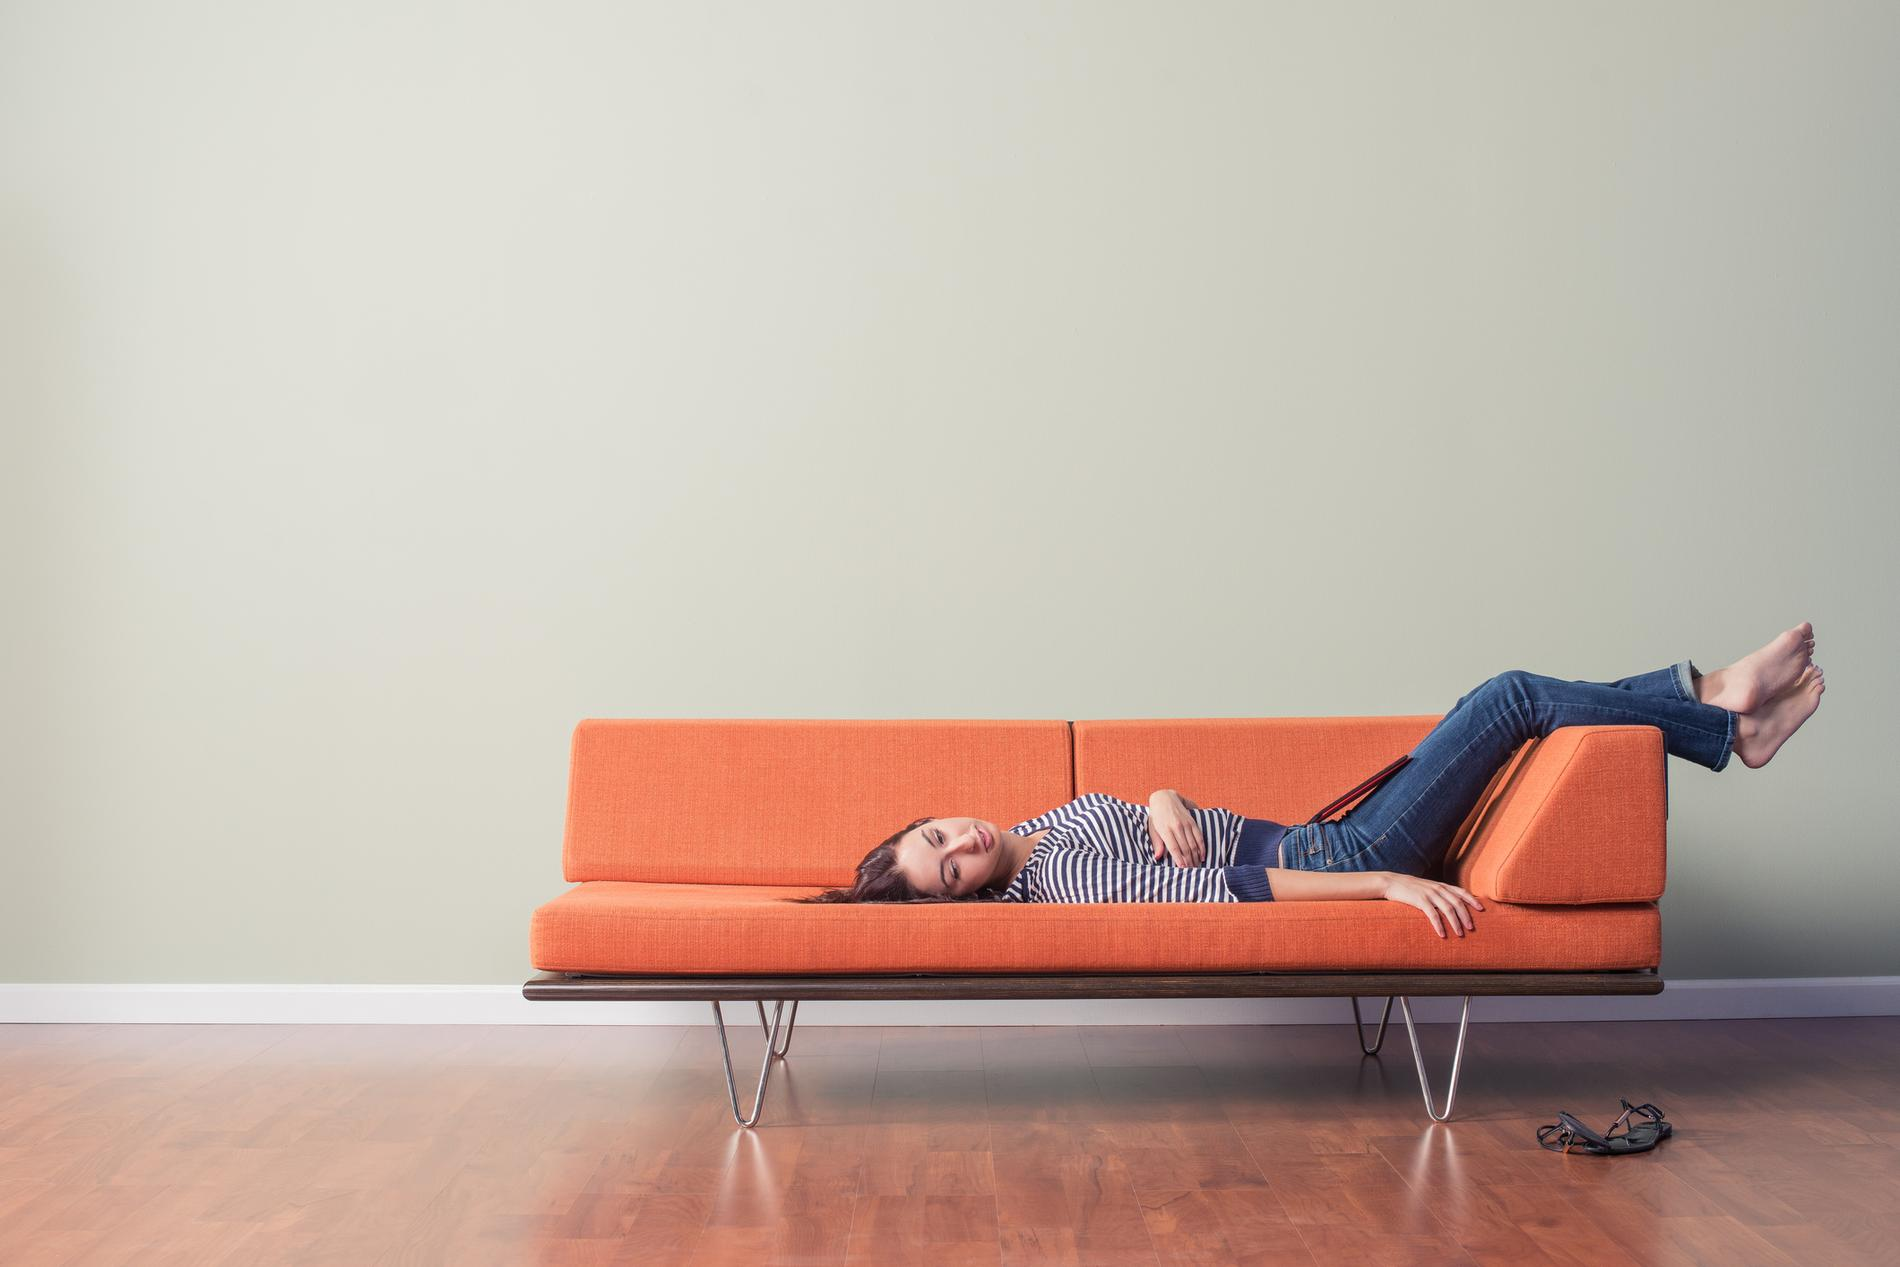 comment calculer ses cycles du sommeil pour mieux dormir. Black Bedroom Furniture Sets. Home Design Ideas